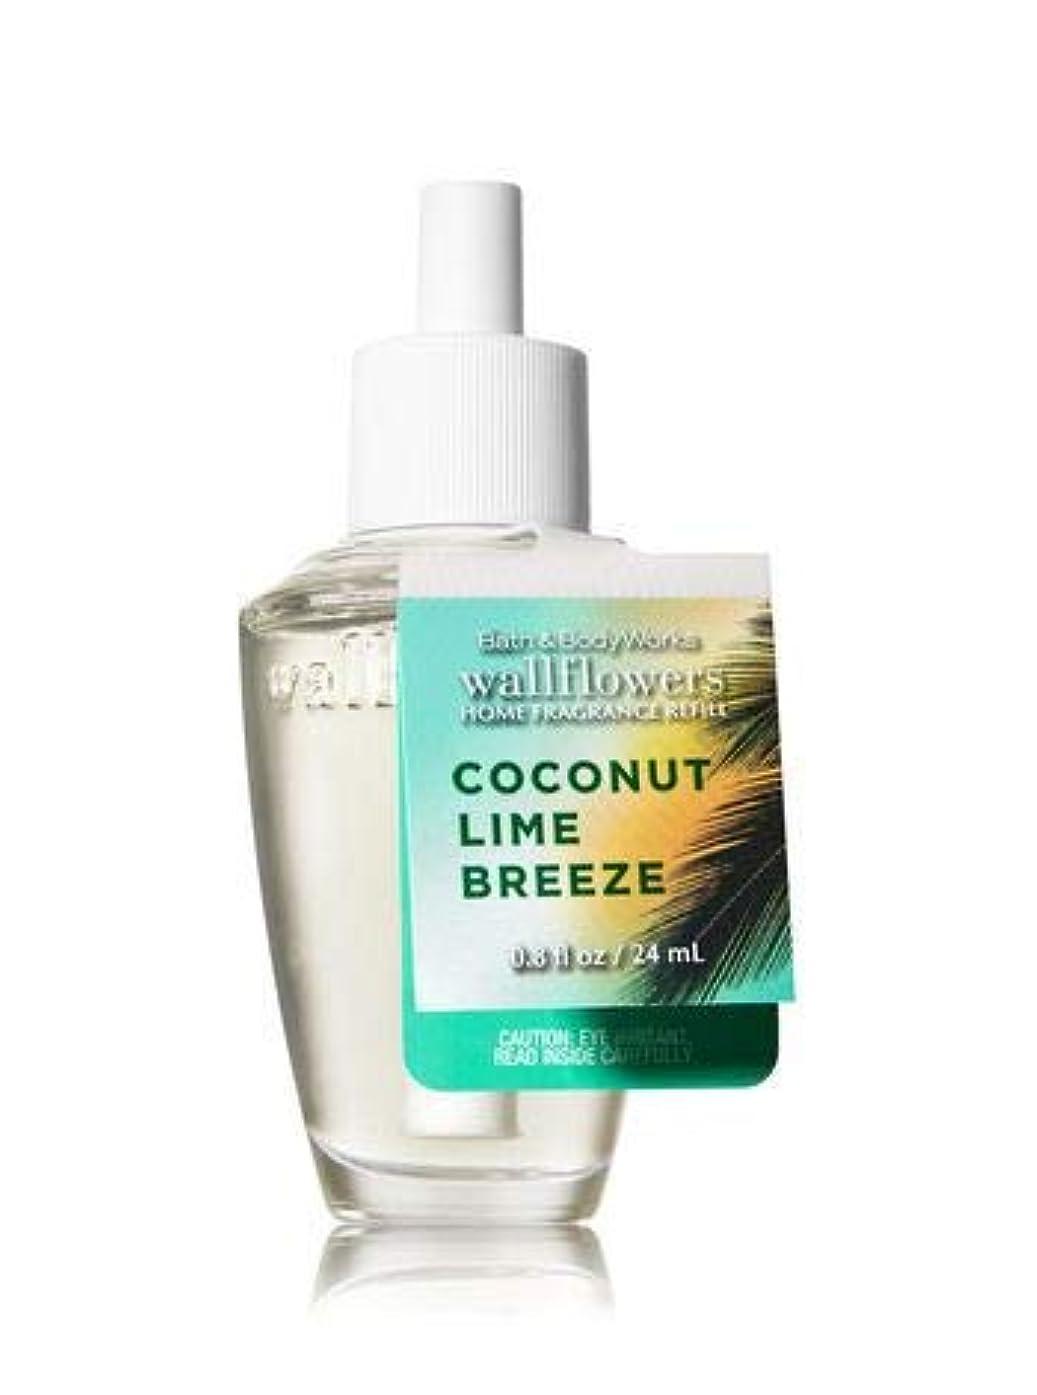 進行中ホーン仲間【Bath&Body Works/バス&ボディワークス】 ルームフレグランス 詰替えリフィル ココナッツライムブリーズ Wallflowers Home Fragrance Refill Coconut Lime Breeze [並行輸入品]